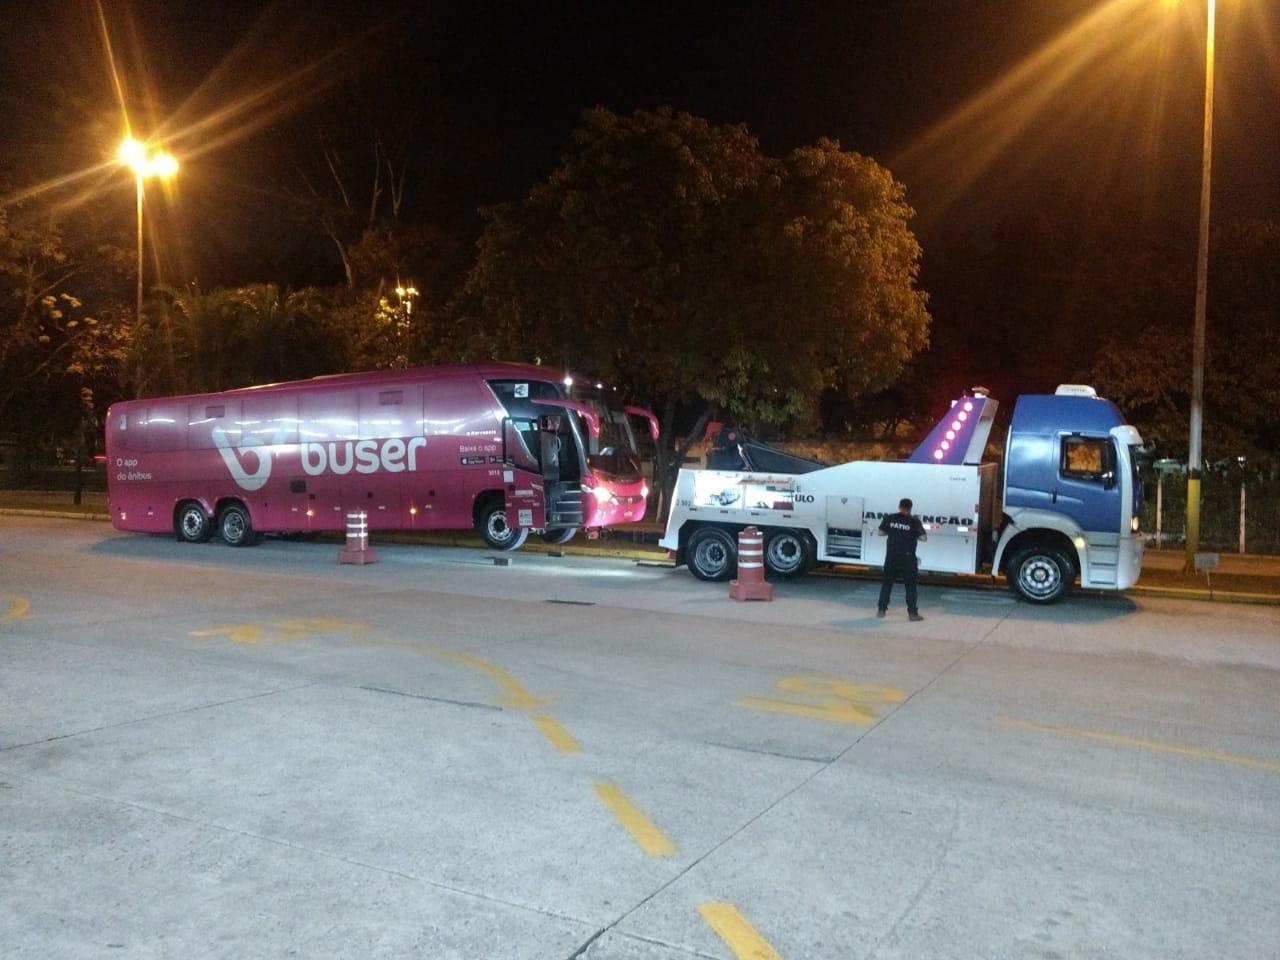 Vídeo: Fiscalização da ANTT apreende ônibus em São Paulo nesta sexta-feira